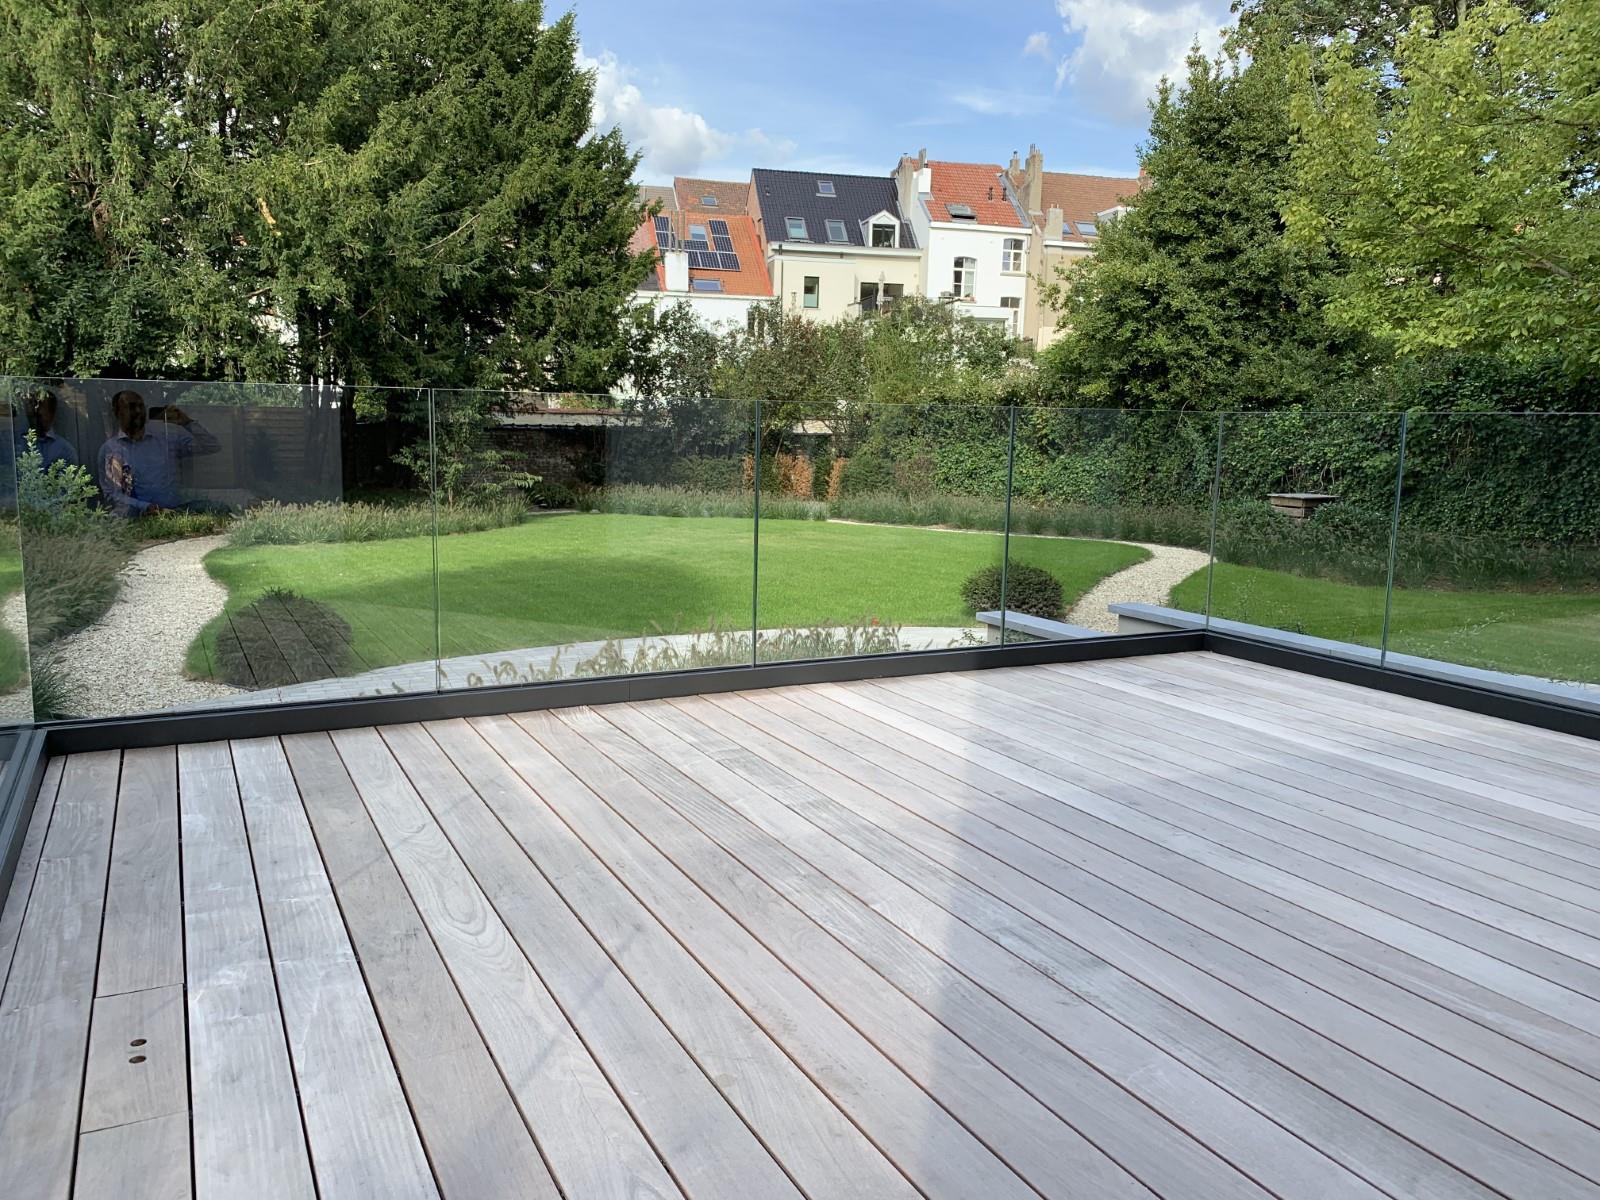 Appartement exceptionnel - Ixelles - #3964982-12